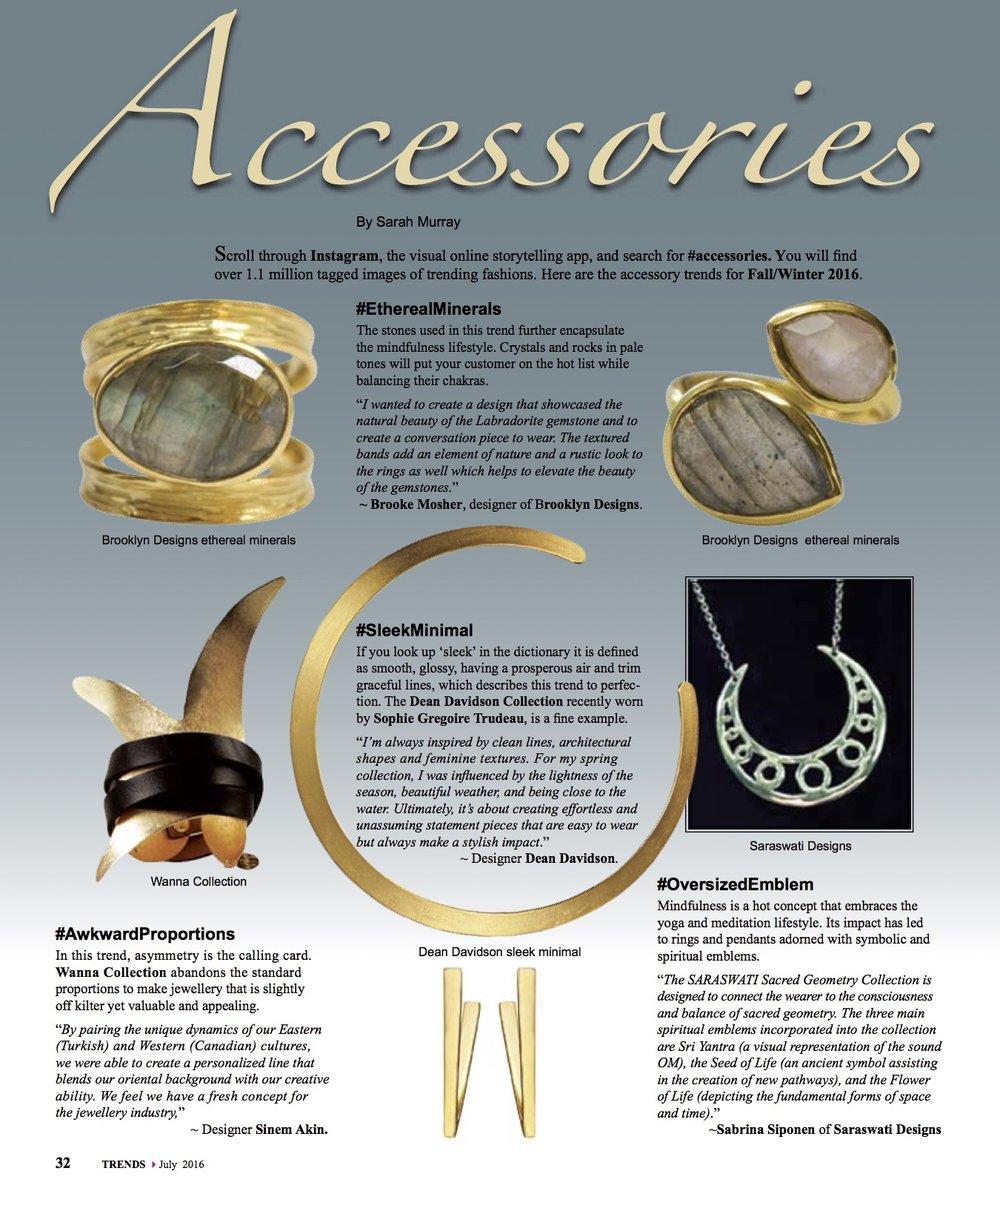 Dean Davidson Accessories on Trends